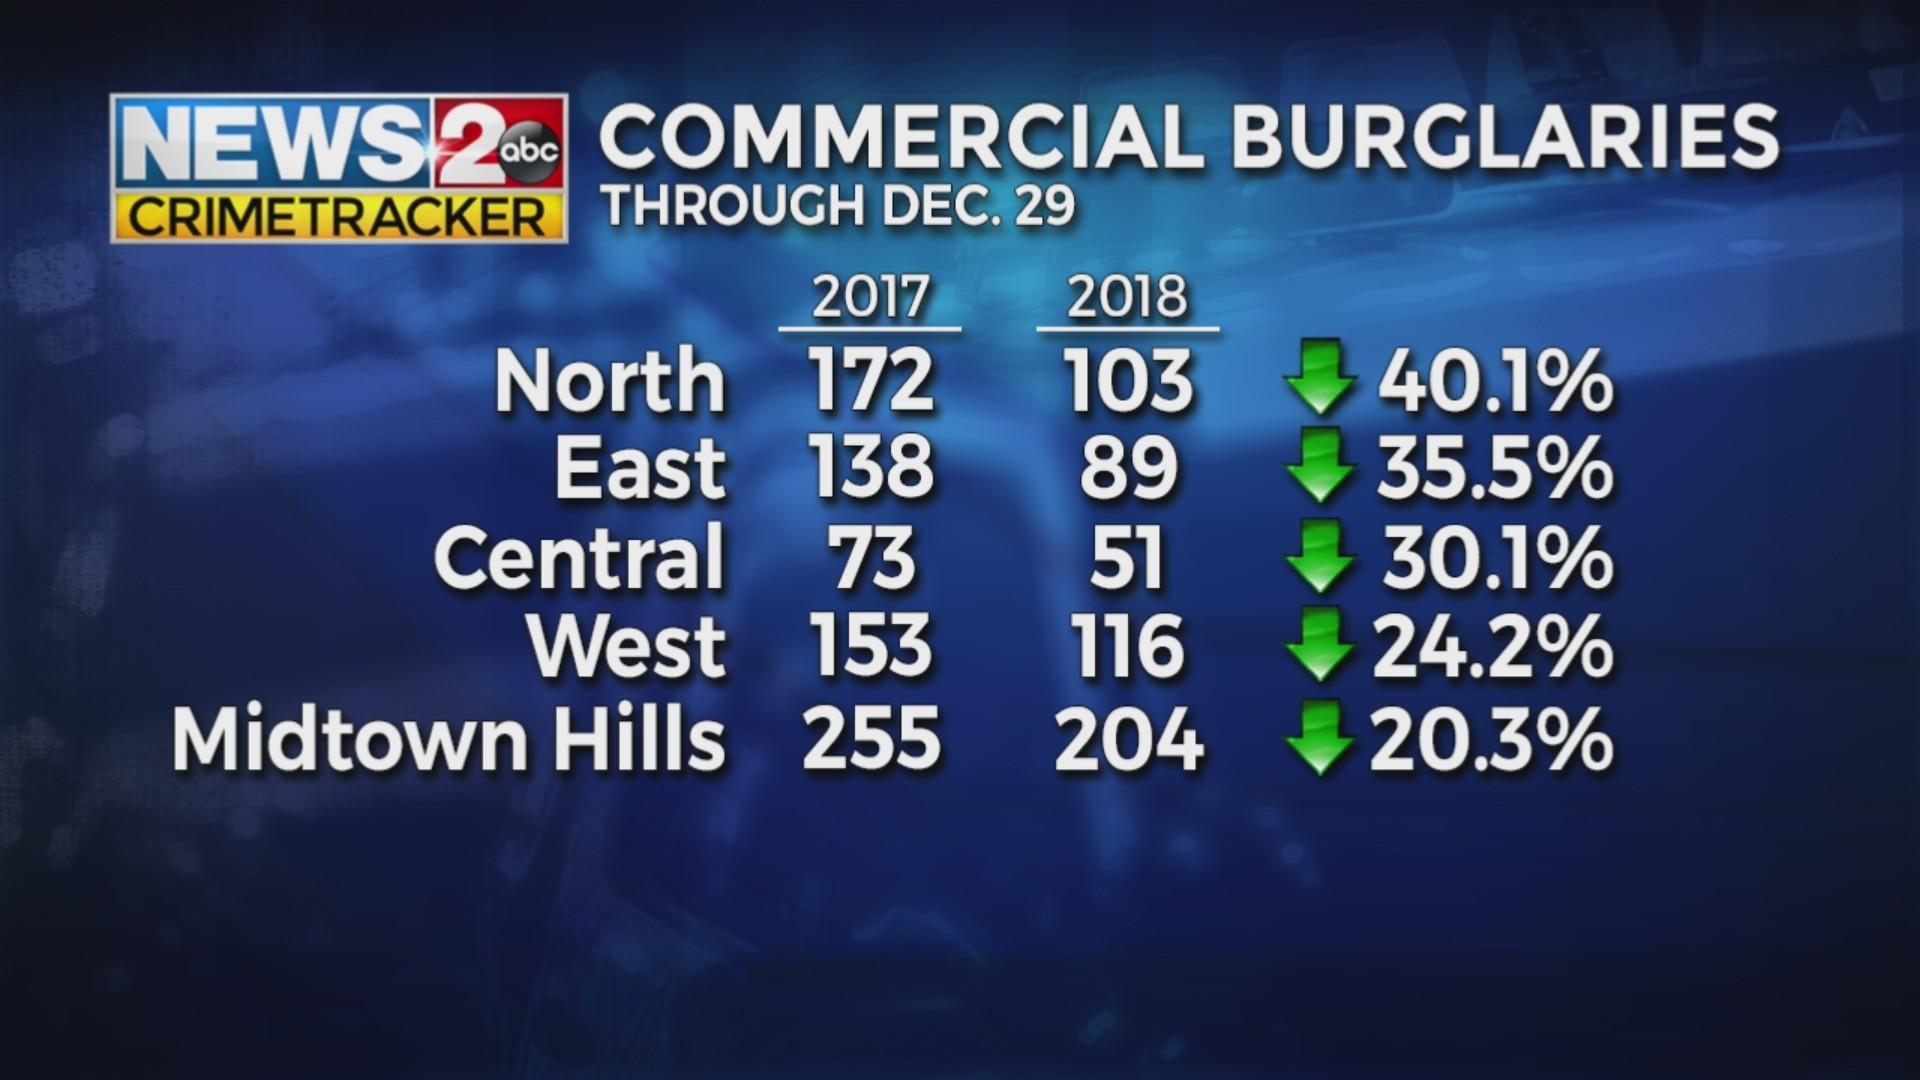 CrimeTracker: Commercial burglaries down across Nashville from 2017 to 2018